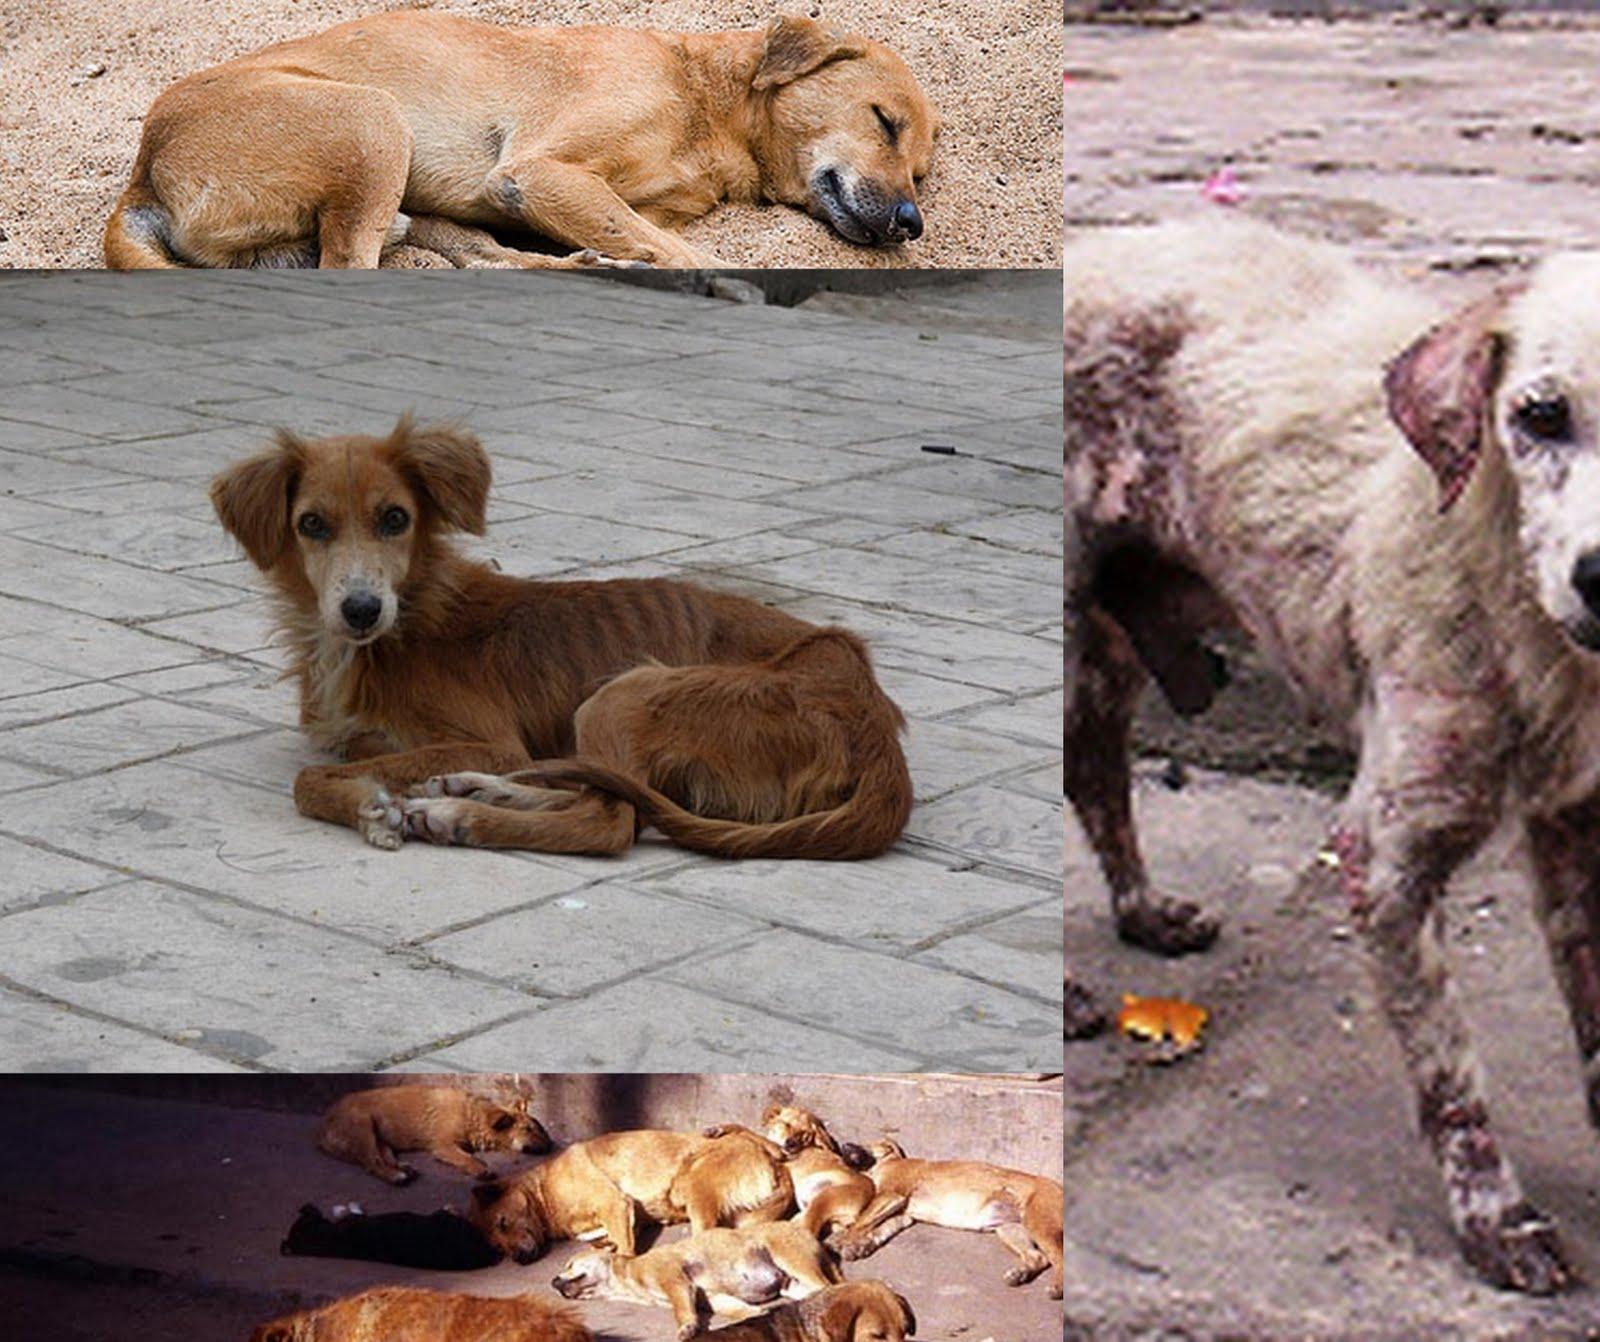 Αποτέλεσμα εικόνας για Κακοποίηση ζώων